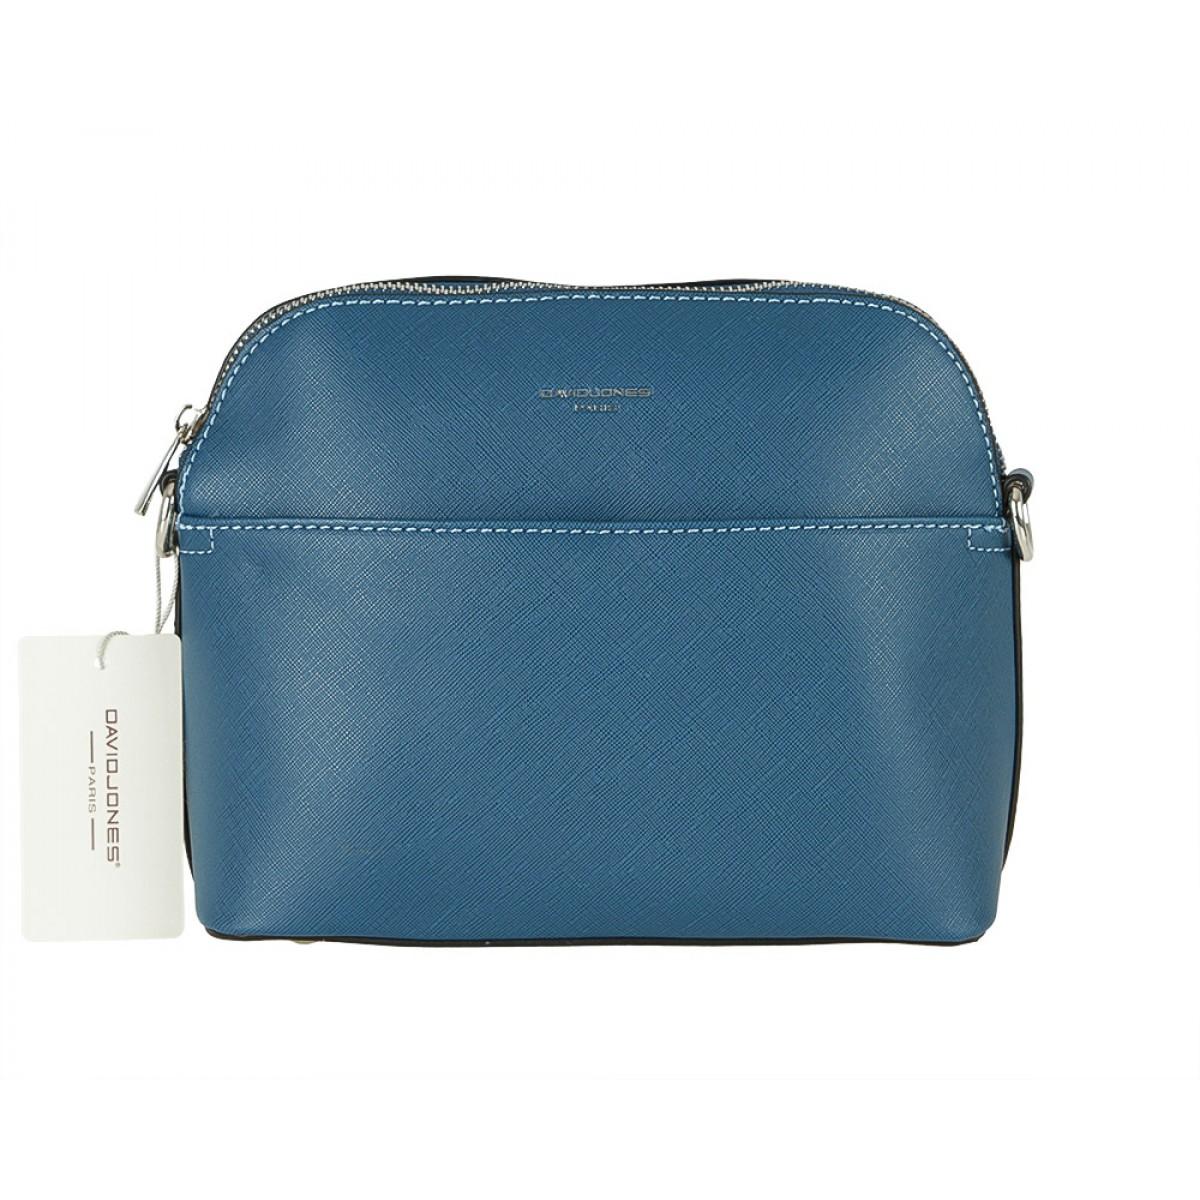 Жіноча сумка David Jones 6224-1 BLUE